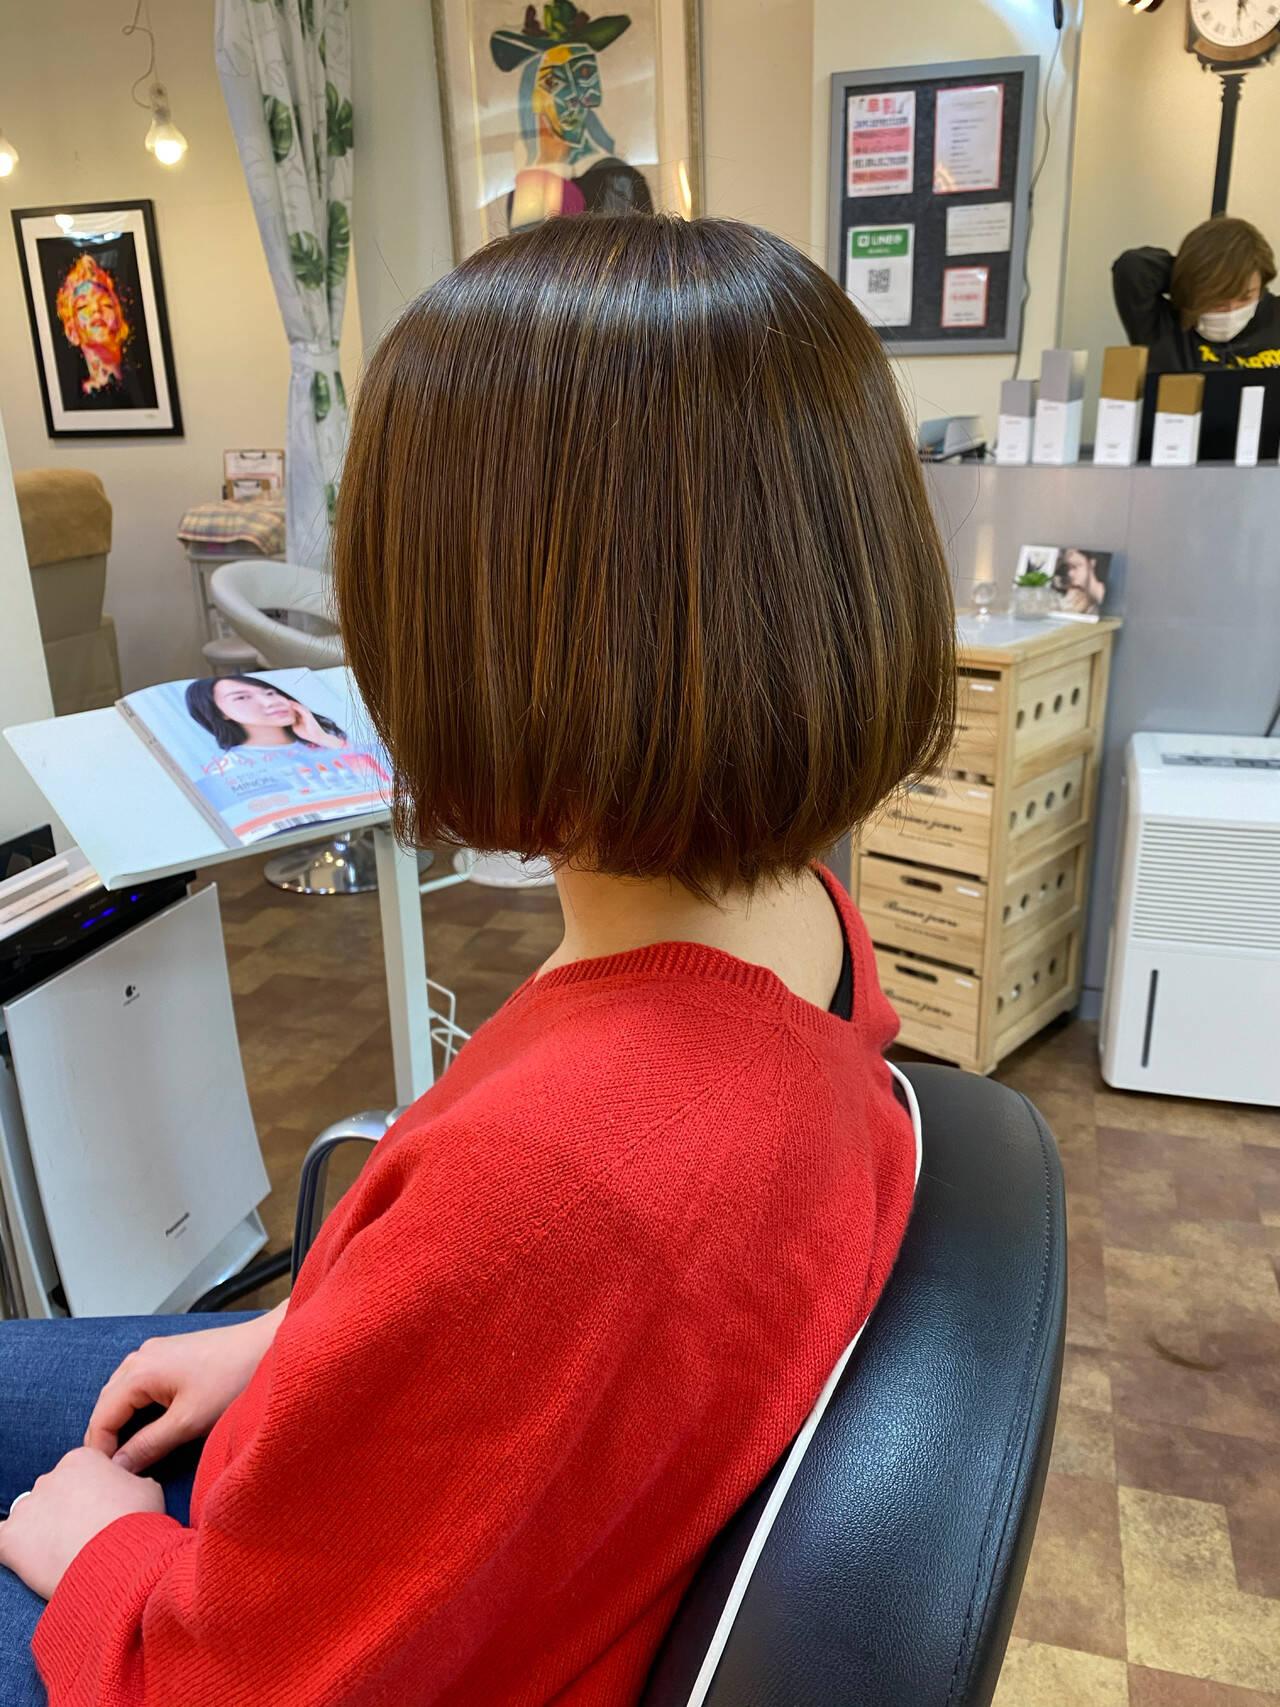 ナチュラル 縮毛矯正 ボブ 縮毛矯正ストカールヘアスタイルや髪型の写真・画像